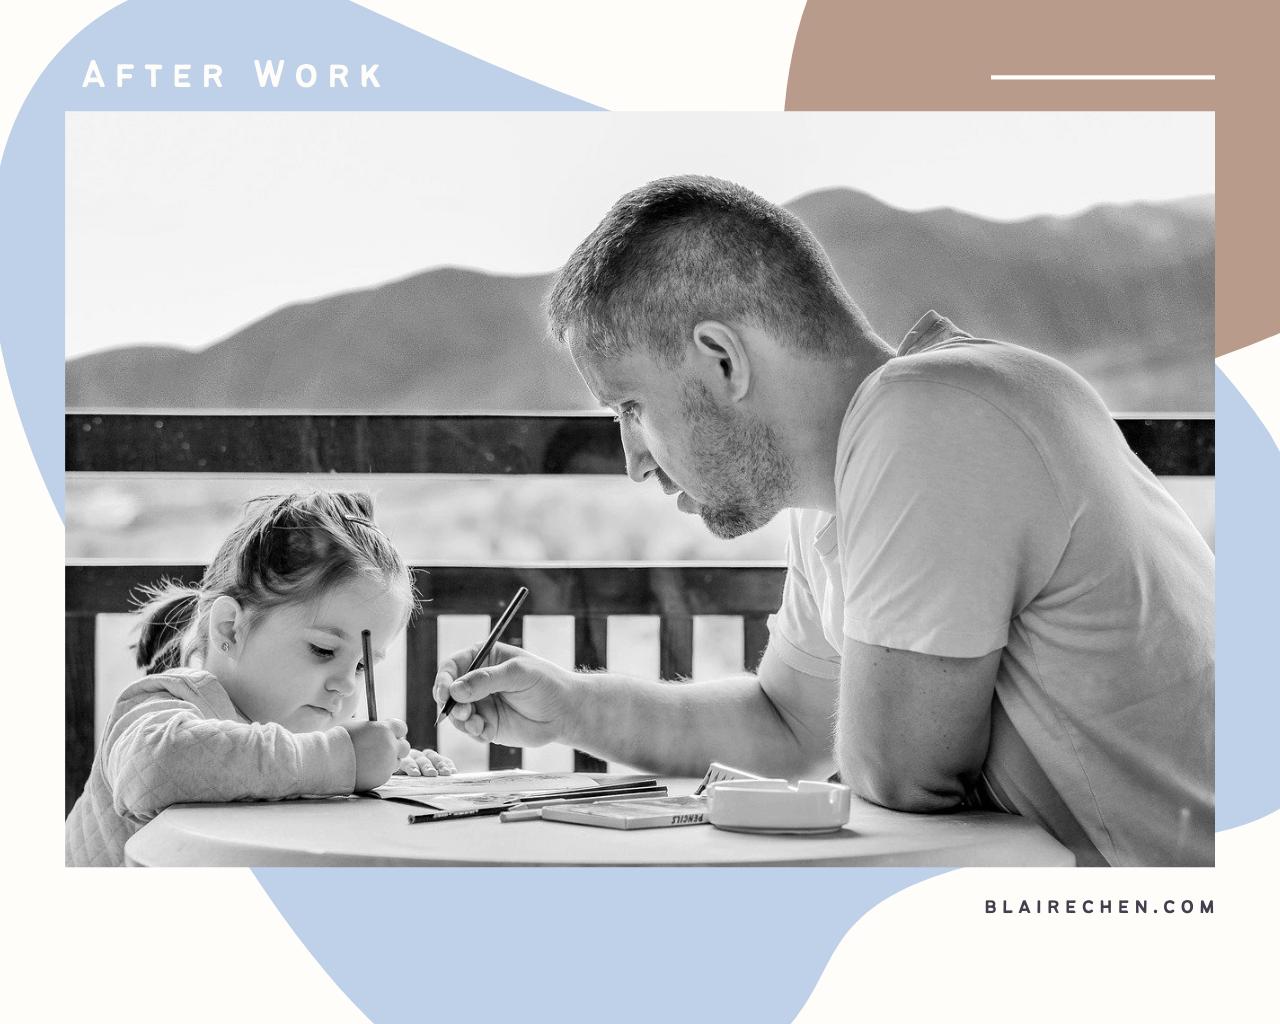 下班後都在做什麼呢?充實自己、陪伴家人、獨處,5 個提案度過下班時光!